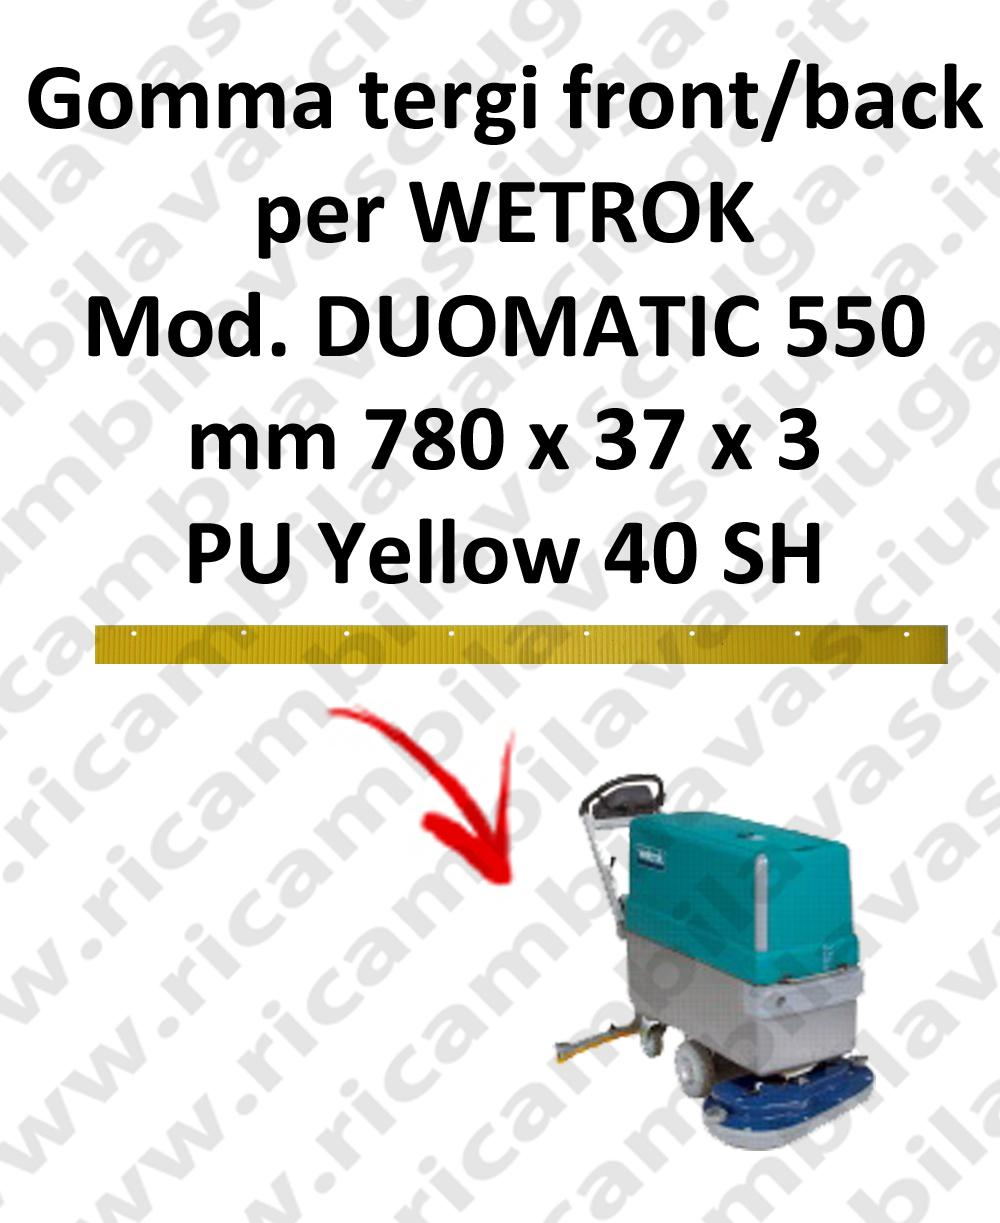 Gomma tergi anteriore e posteriore per lavapavimenti WETROK - DUOMATIC 550